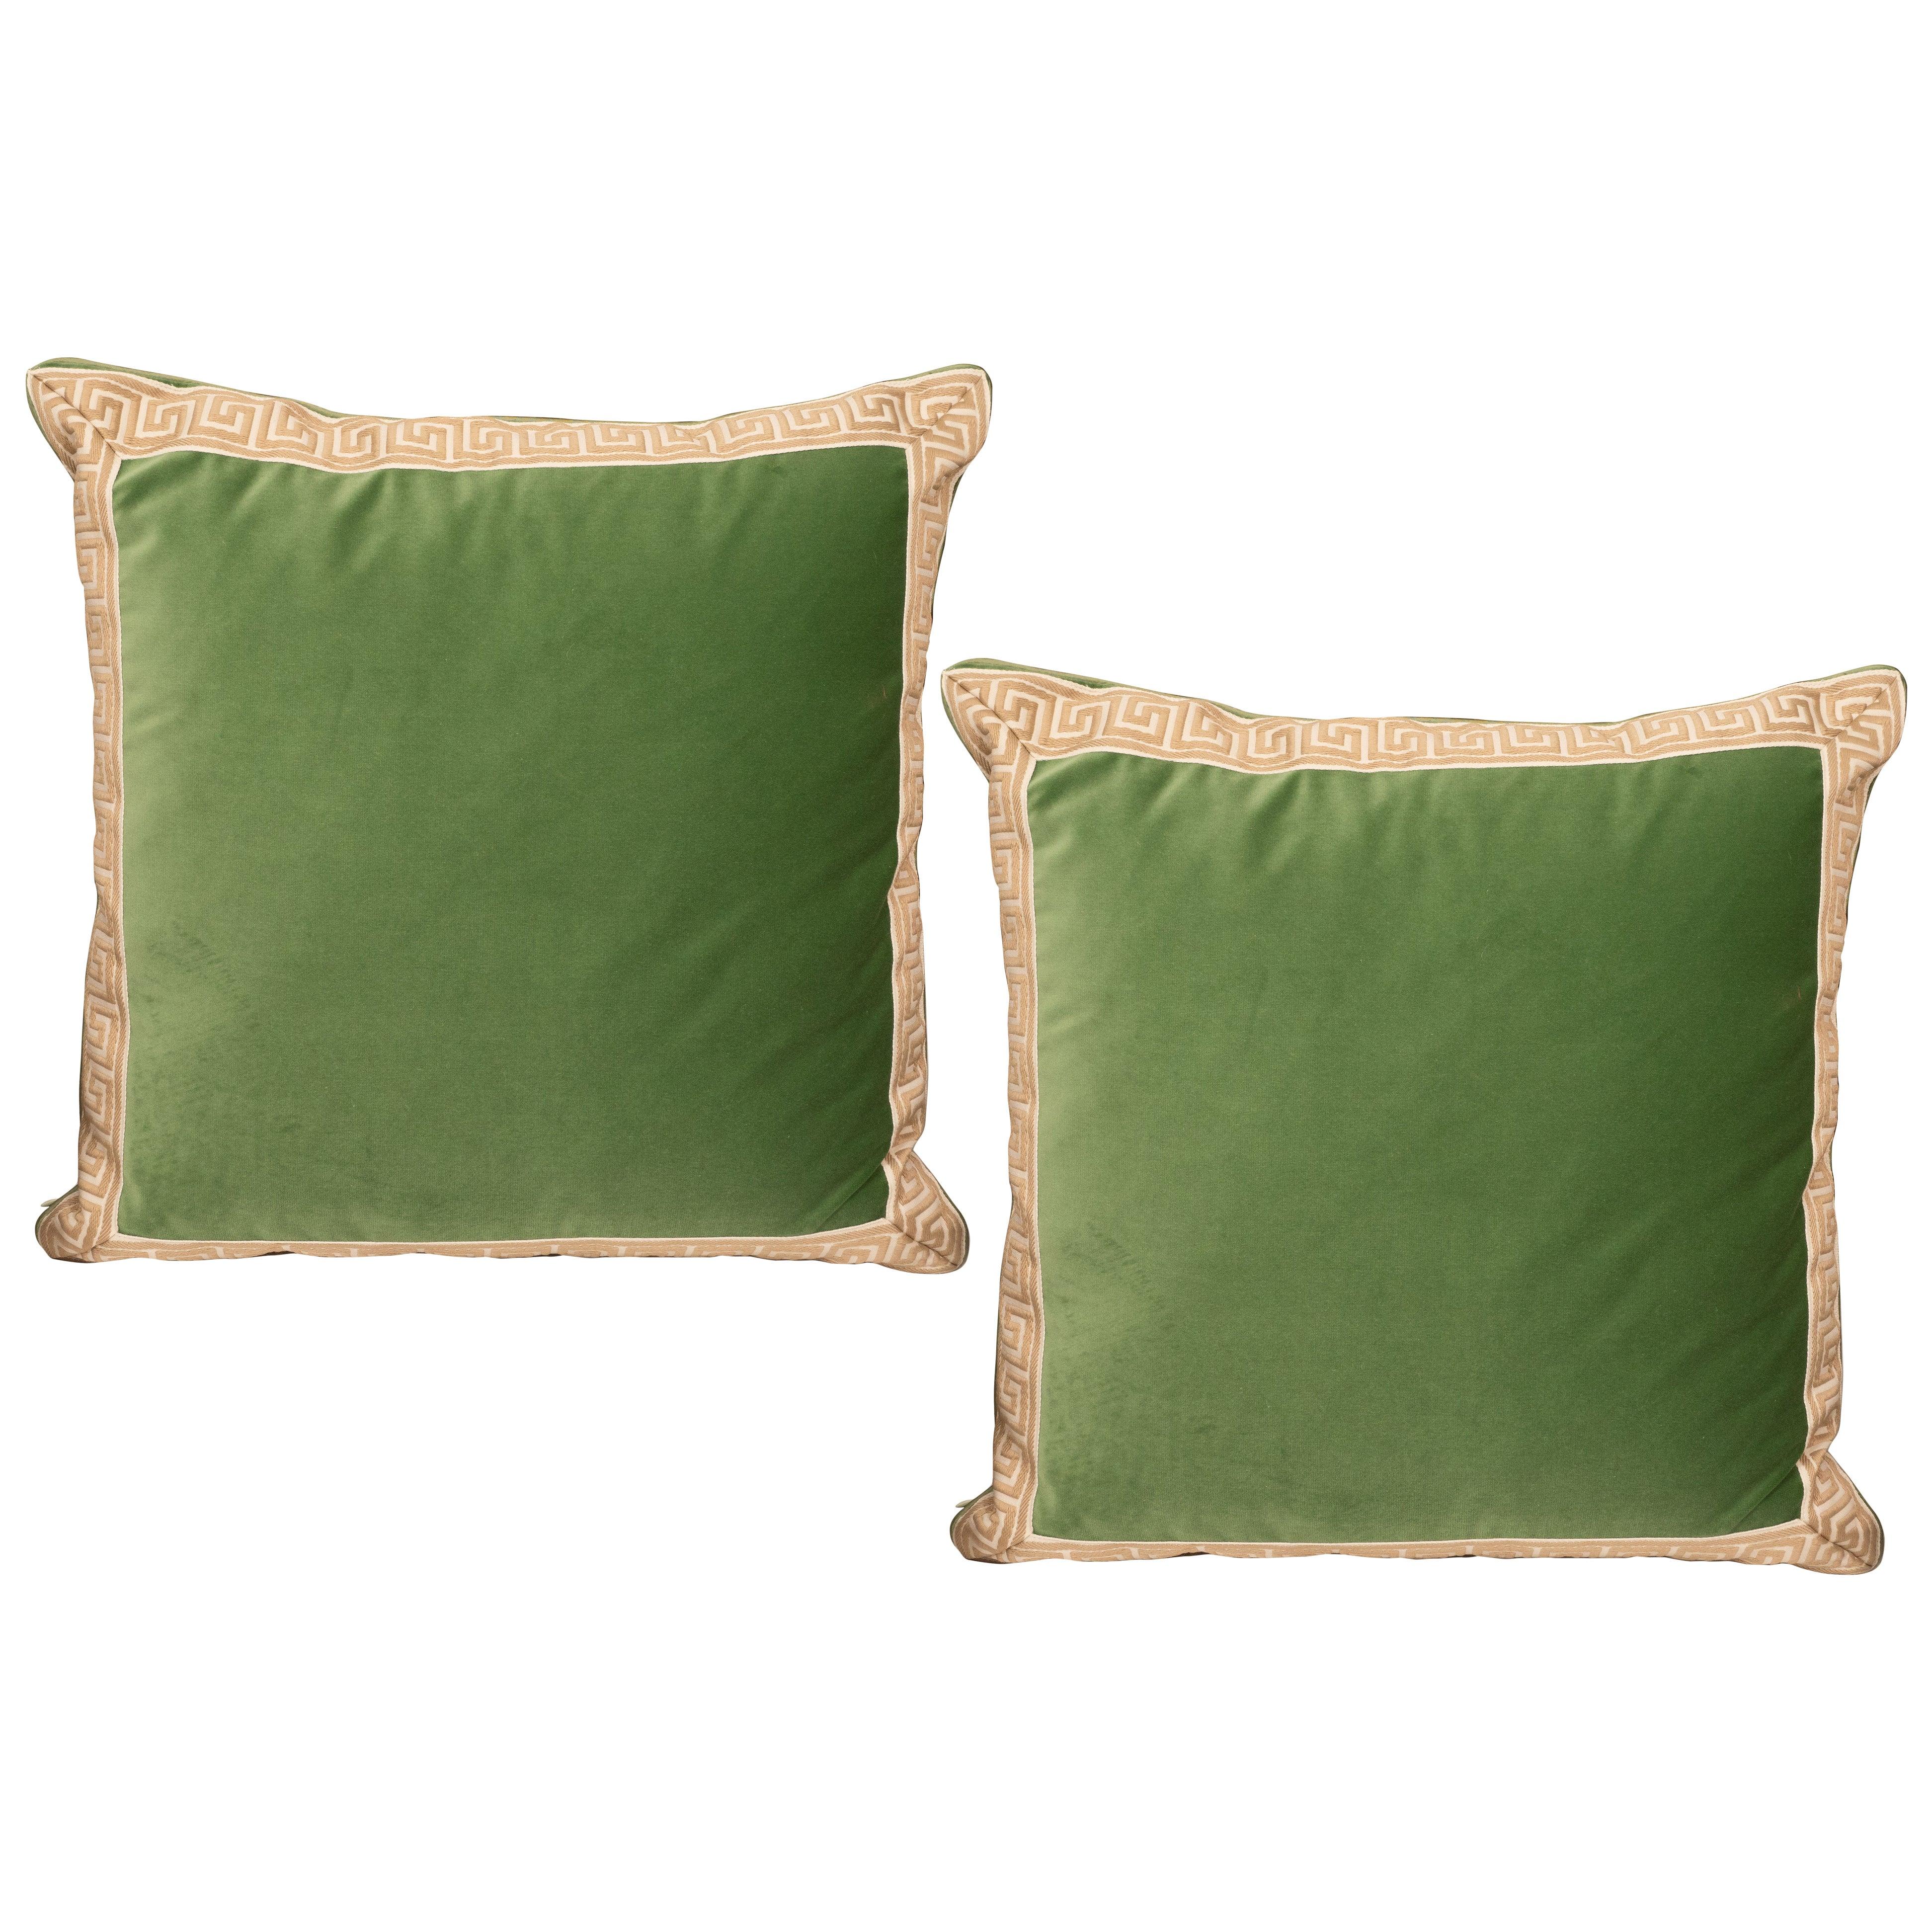 Pair of Green Velvet Pillows with Greek Key